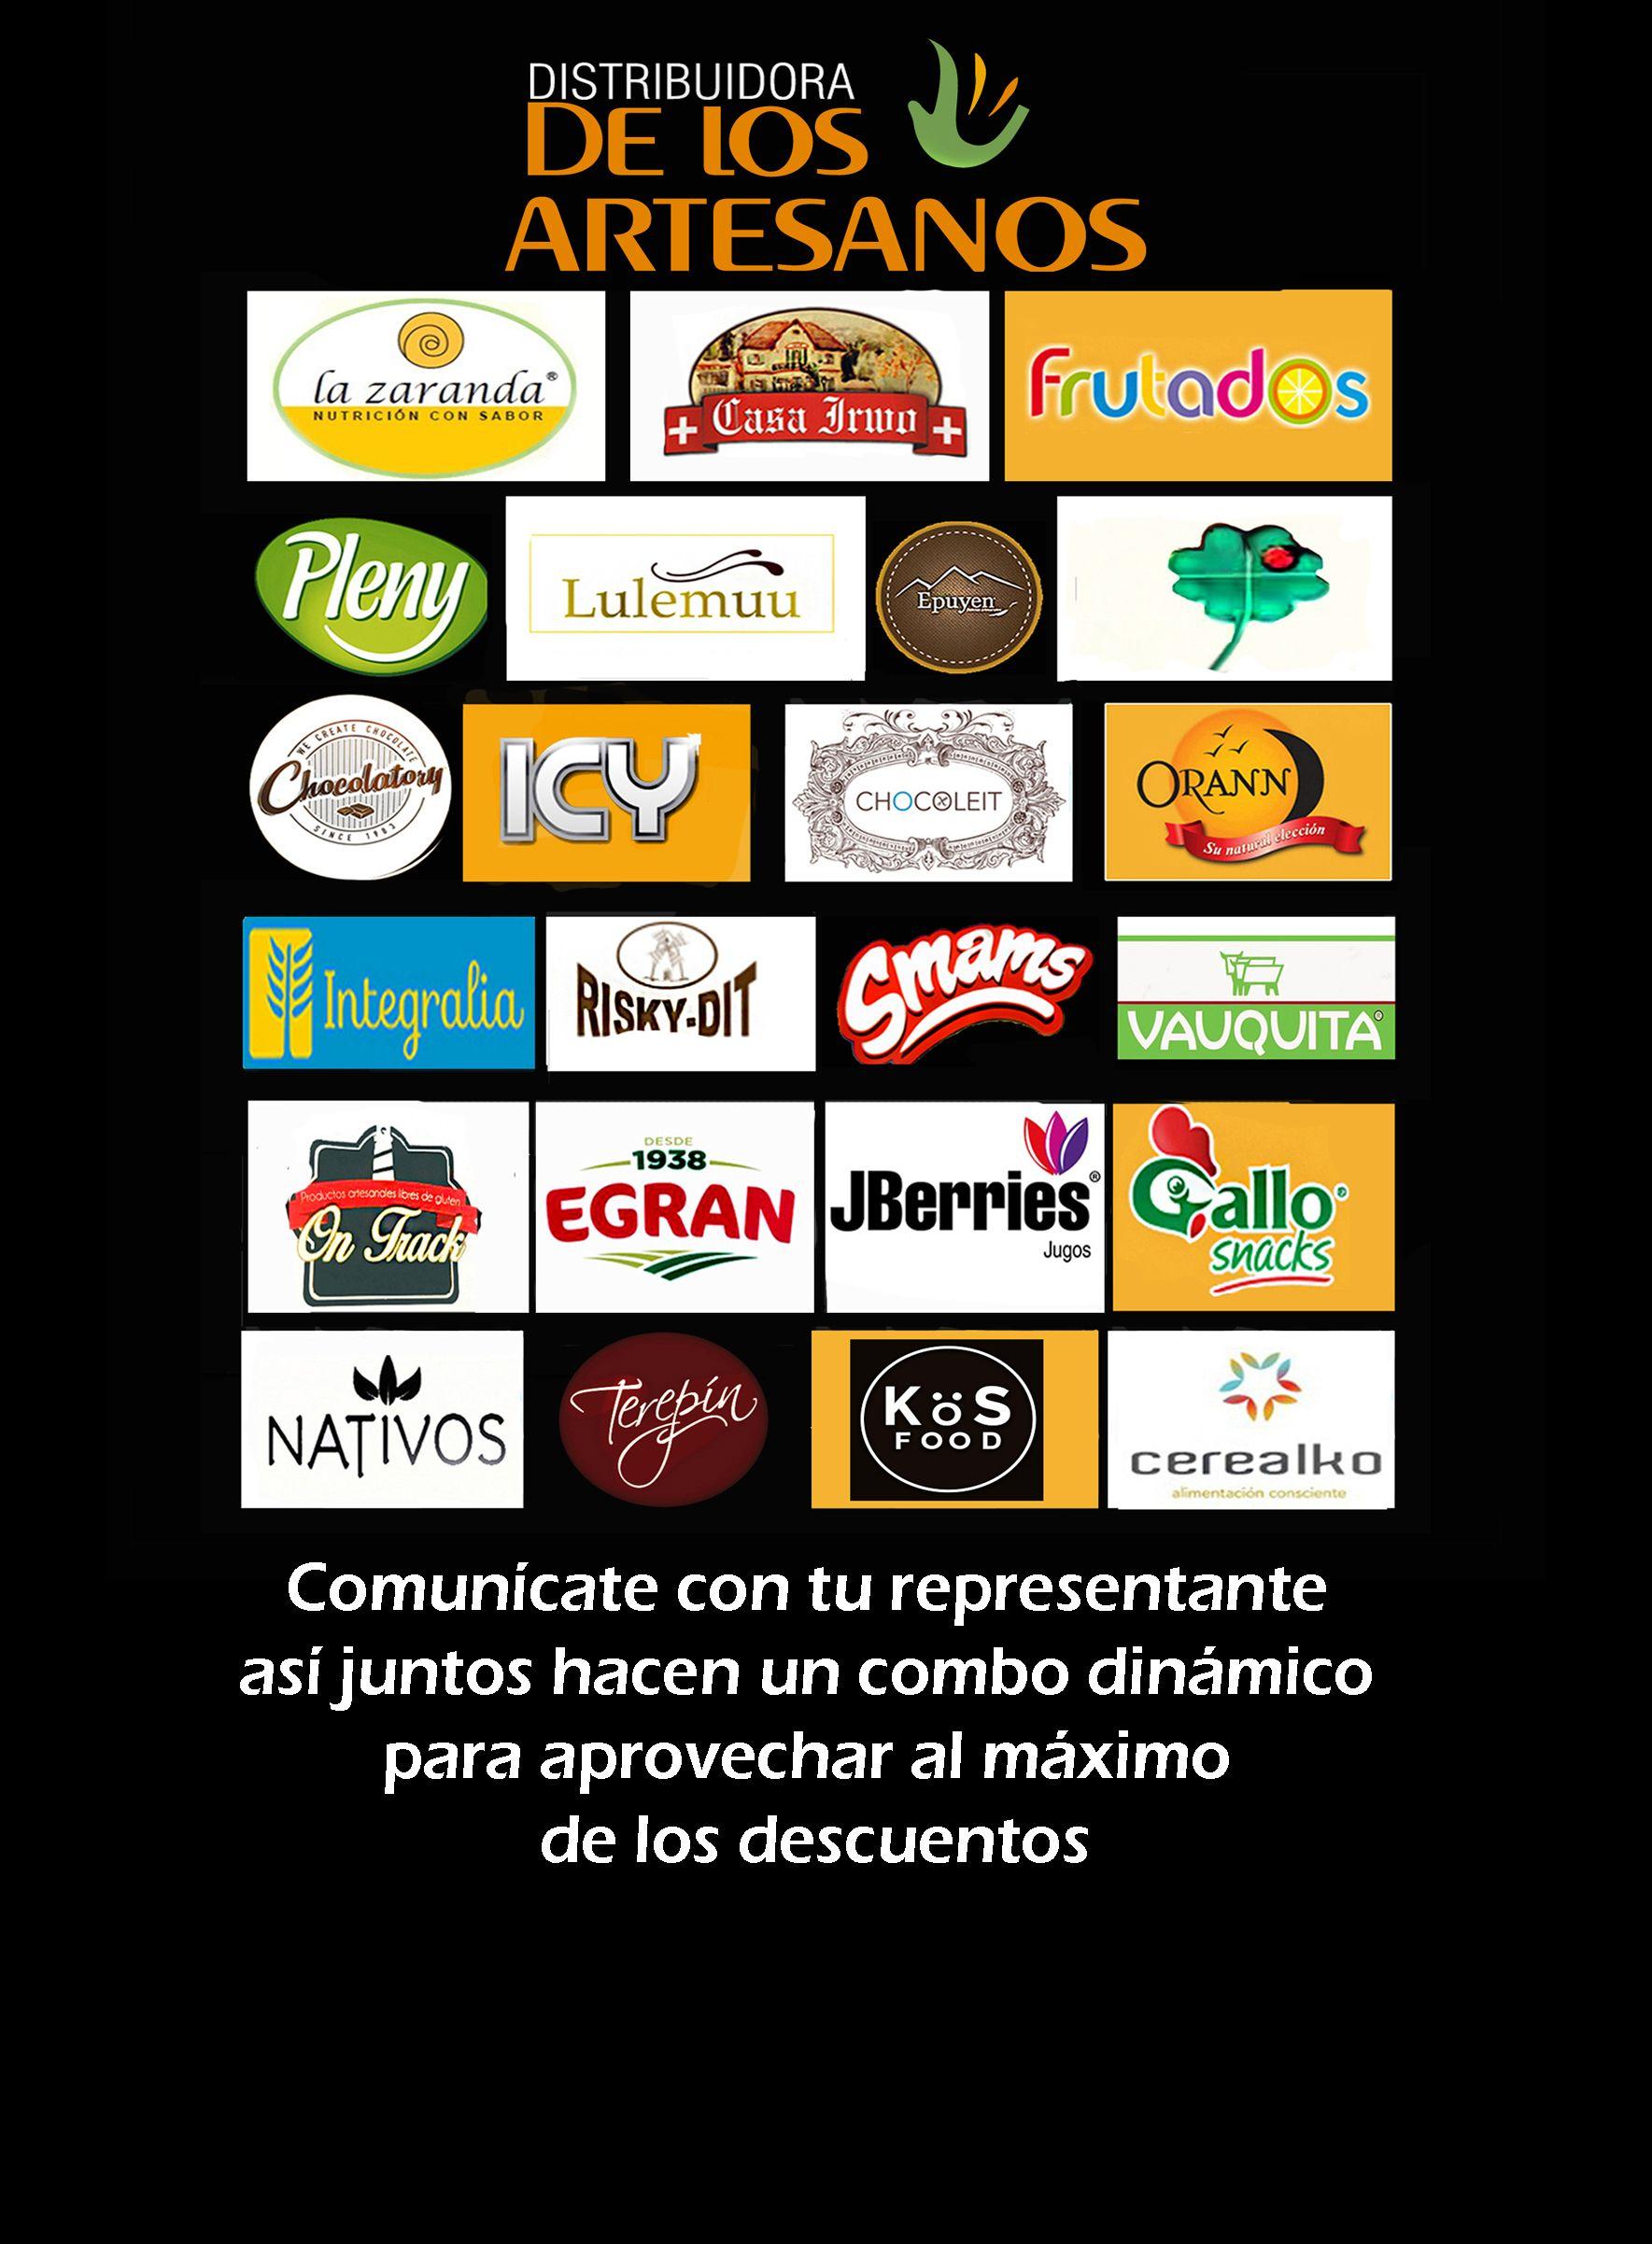 Distribuidora De Los Artesanos Liderazgo En Ventas Al Interior Envios A Diario Artesanos Distribuidor Alfajores